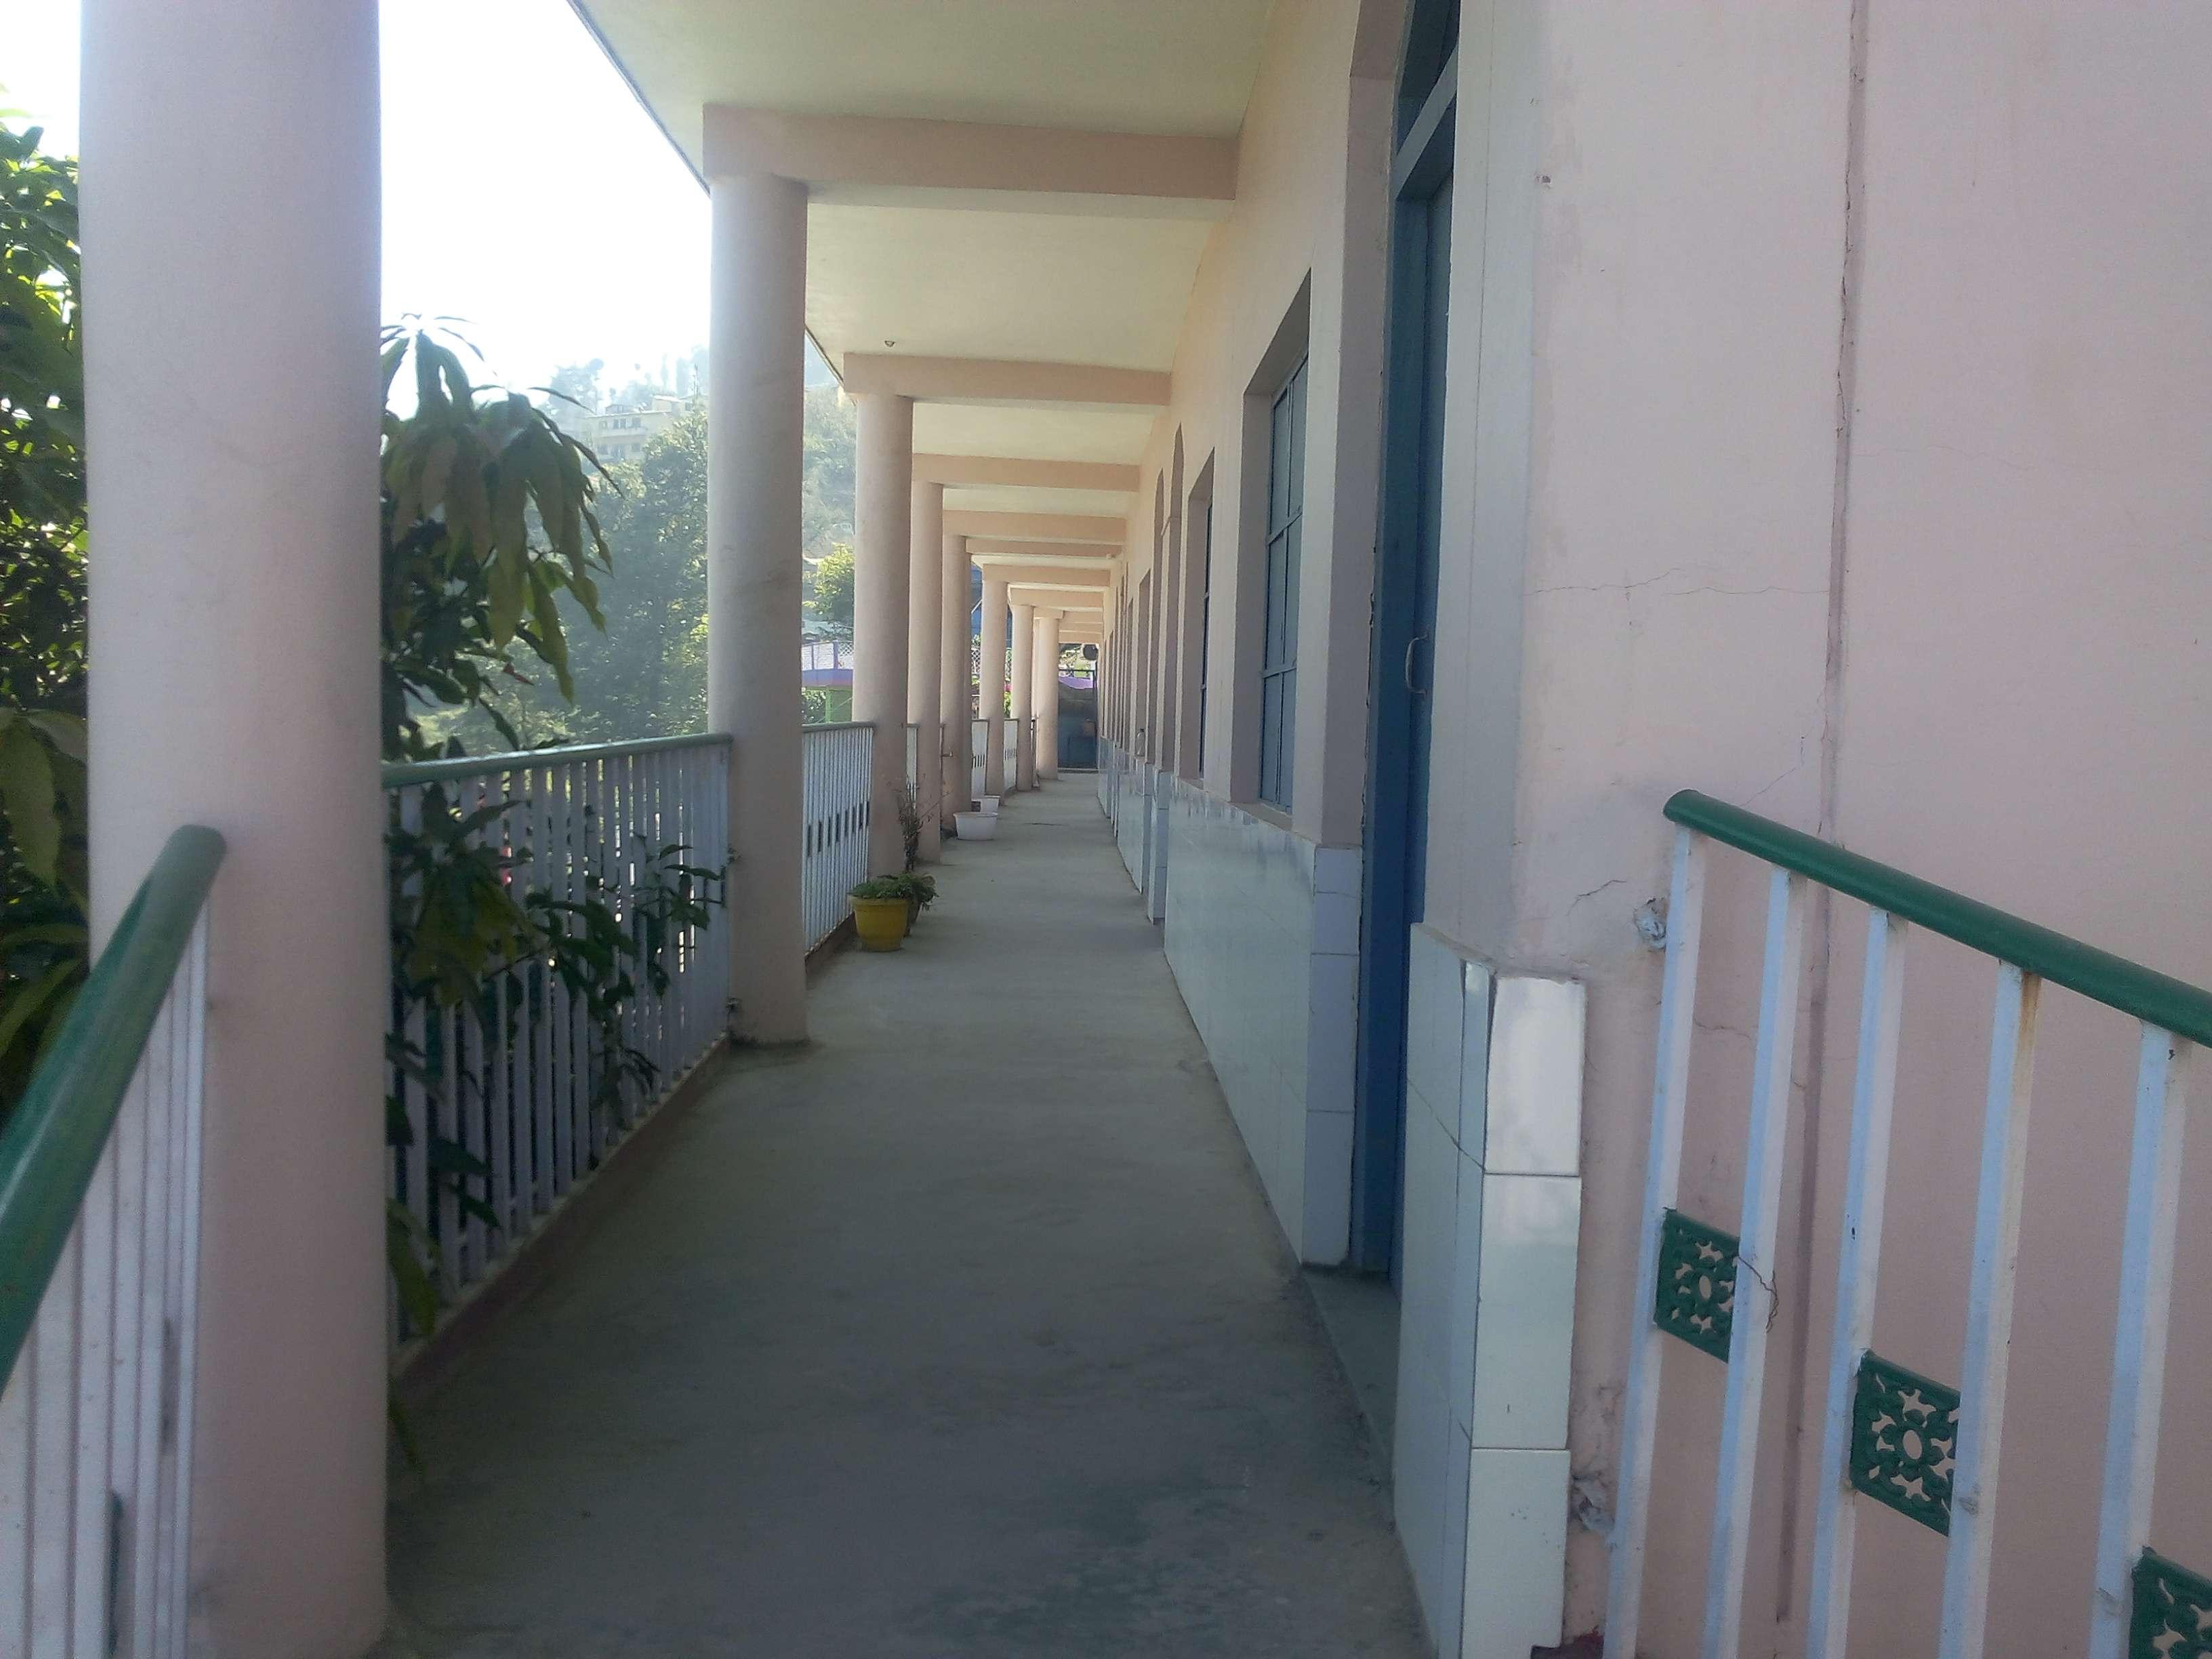 SH B R NEW MODERN SCHOOL AGENCY CHOWK PAURI GARHWAL UTTARANCHAL 3530180